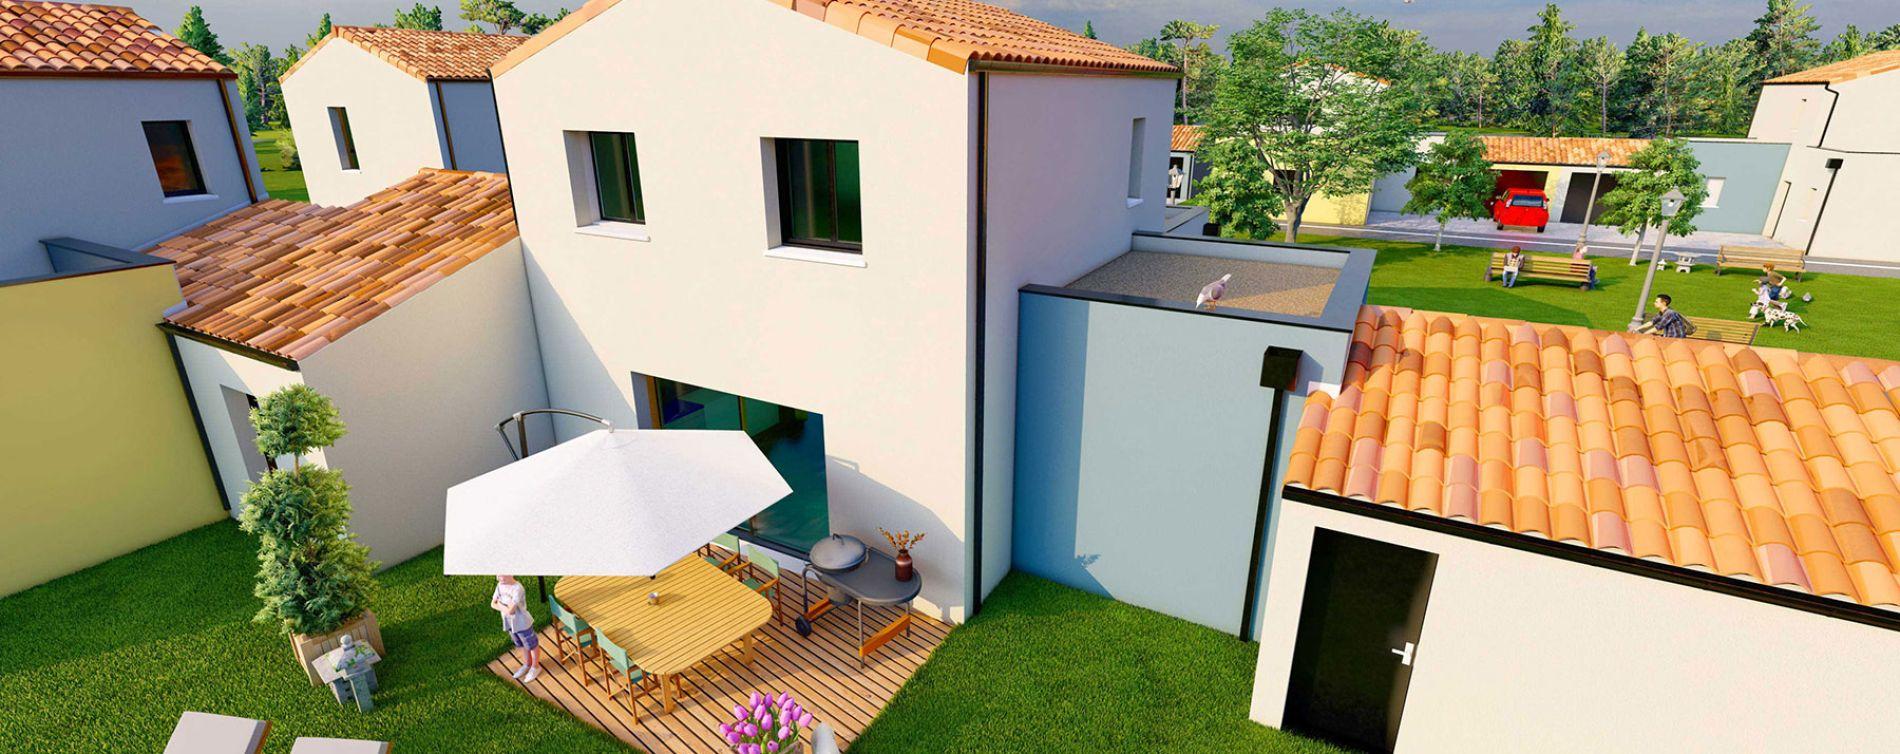 La Mothe-Achard : programme immobilier neuve « Les Jardins de Marius » (2)